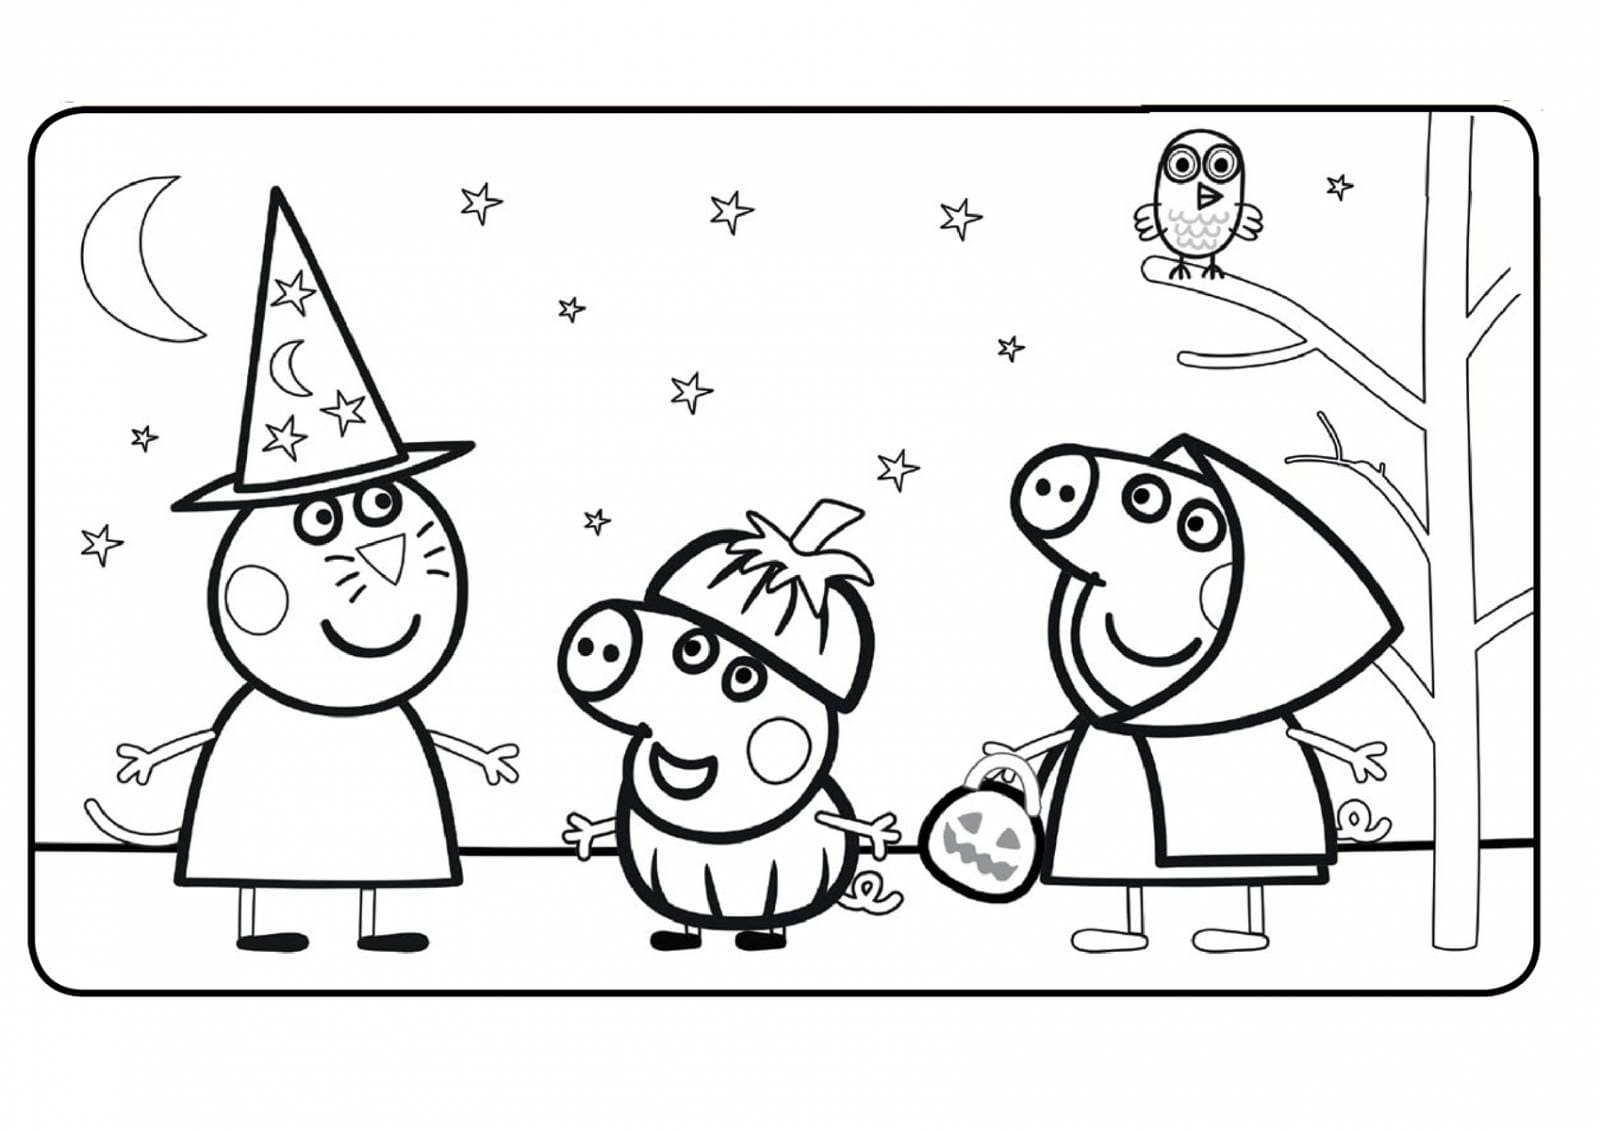 Раскраски свинки Пеппы, её семьи и друзей. Распечатать онлайн